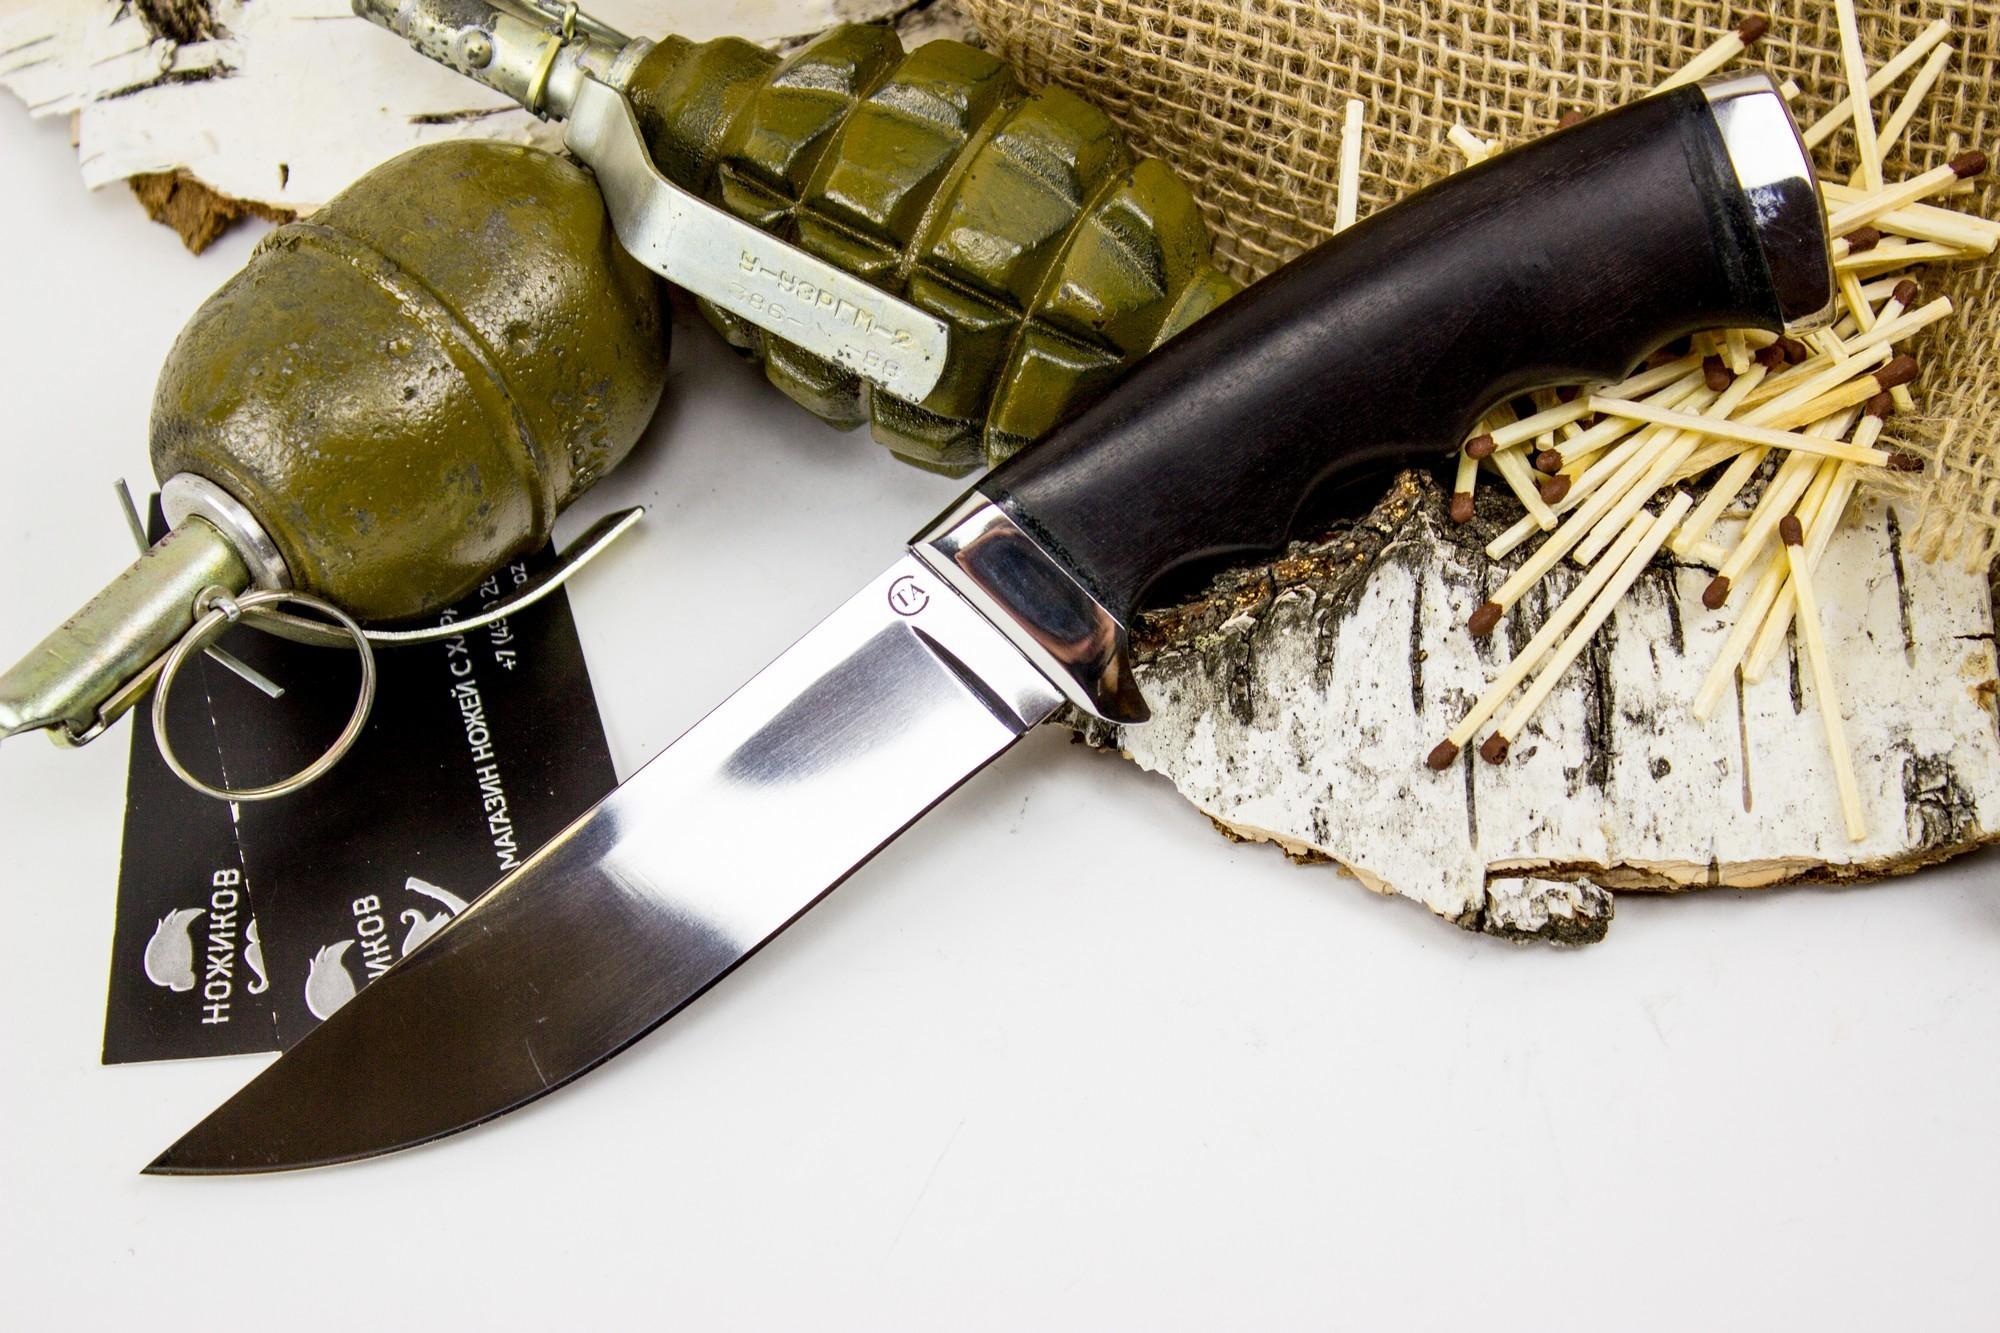 Нож Кобра-3, сталь 95х18, деревоНожи Ворсма<br>Туристический нож Кобра-3 это скромный трудяга и работяга, который будет делить с вами тяготы походной жизни. При выборе этой модели стоит обратить внимание на рукоять с подпальцевыми выемками. Это опция позволяет уверенно удерживать и хорошо контролировать нож даже уставшей рукой. Спуски на клинке начинаются практически от самого обуха и образуют максимально острую режущую кромку с тонким подводом. Нож обладает прекрасным резом по материалам любой плотности.<br>